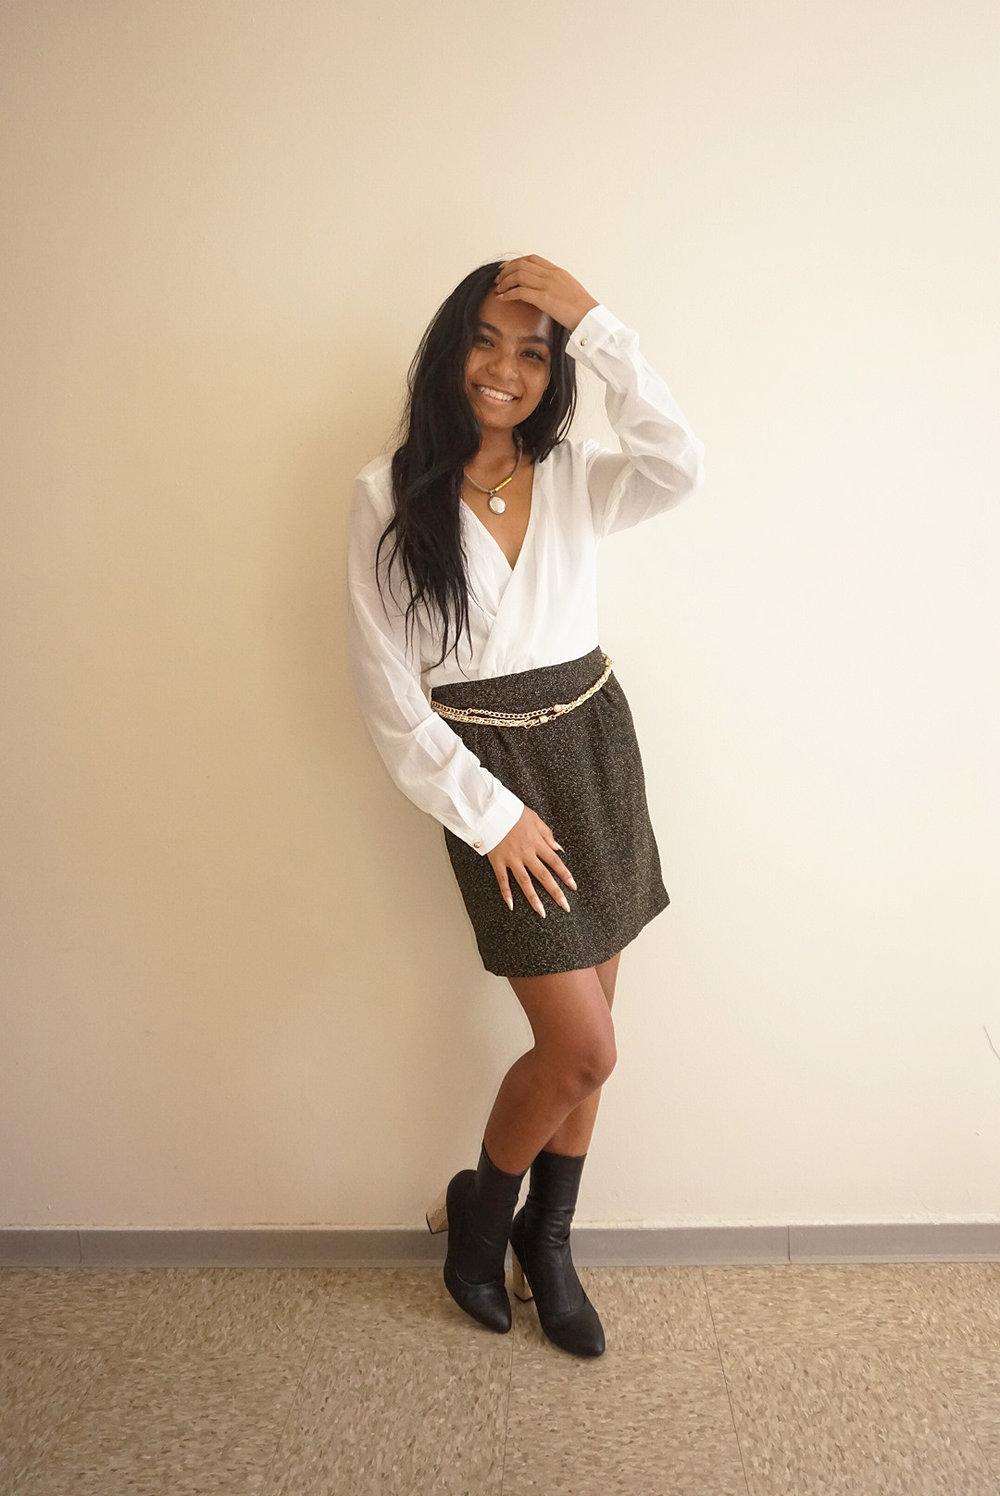 Two-Toned-Amiclubwear-Dress-Fall-Style-Blogger-LINDATENCHITRAN-9-1616x1080.jpg